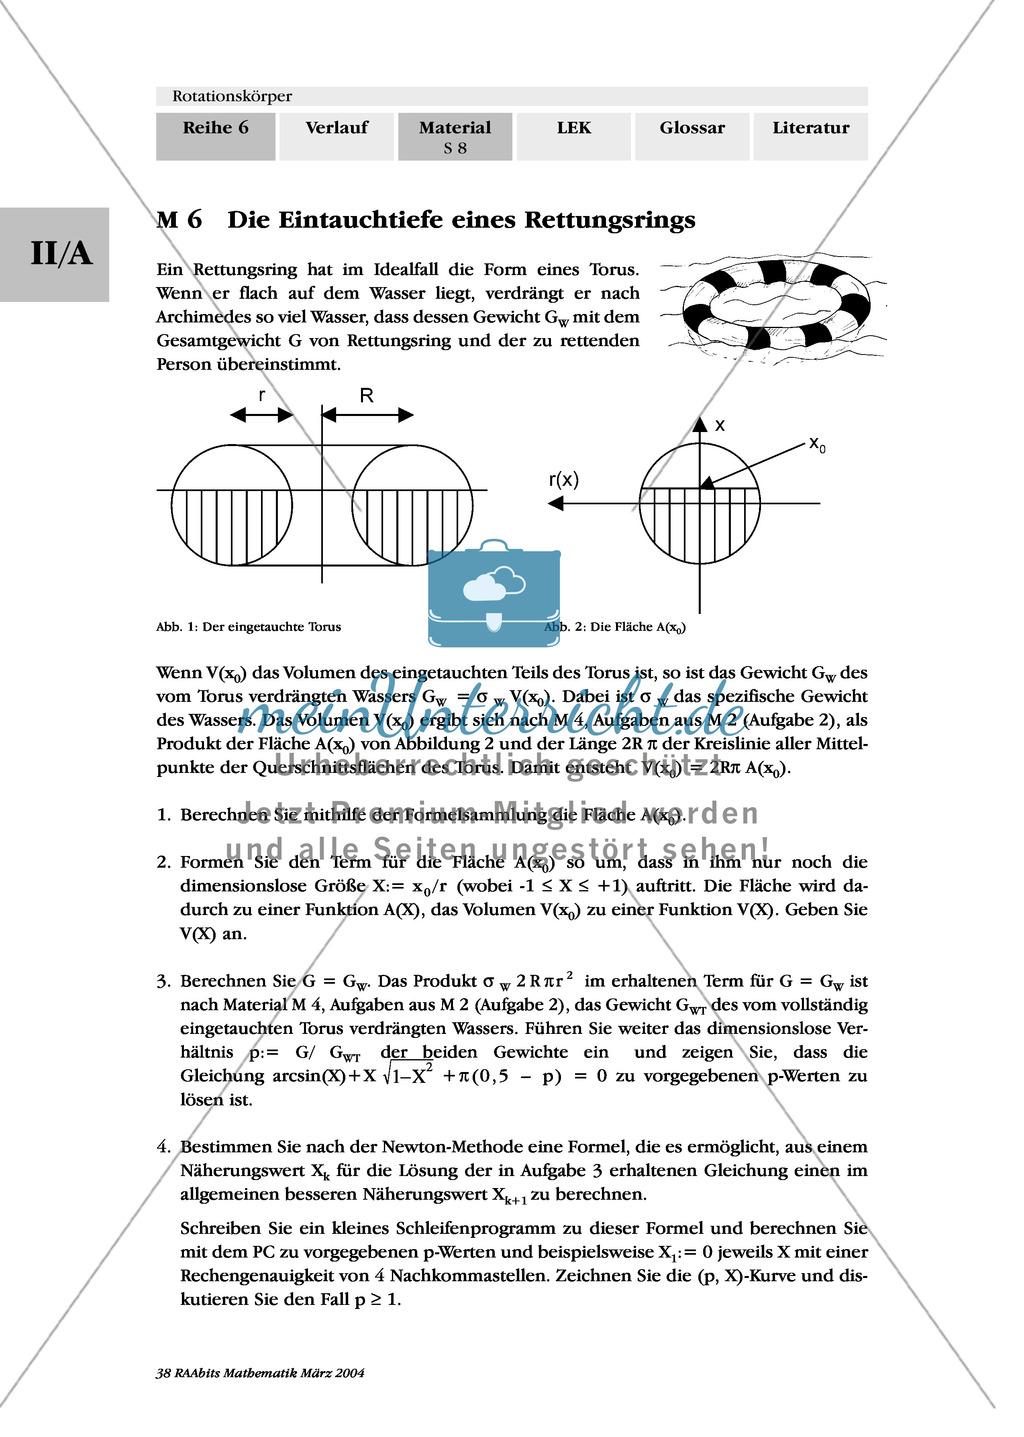 Analysis: Sachaufgaben mit Lösungen zu Rotationskörpern - meinUnterricht